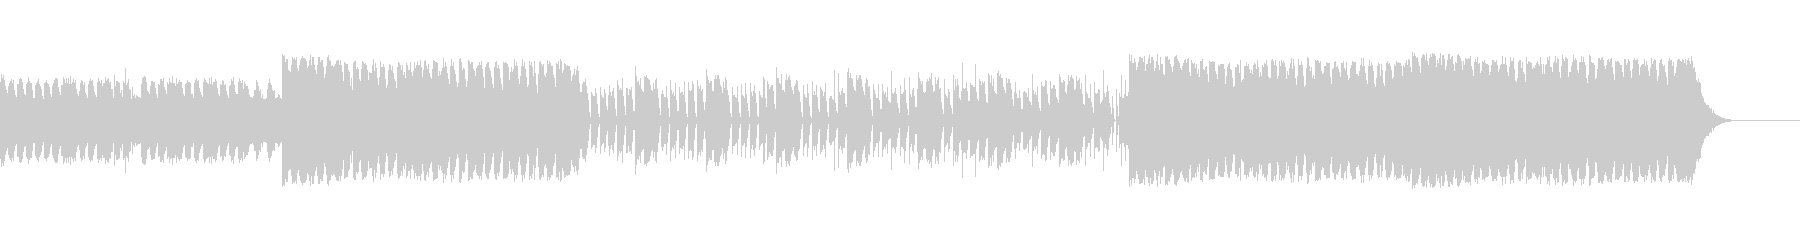 激しいスラップギターロックの未再生の波形